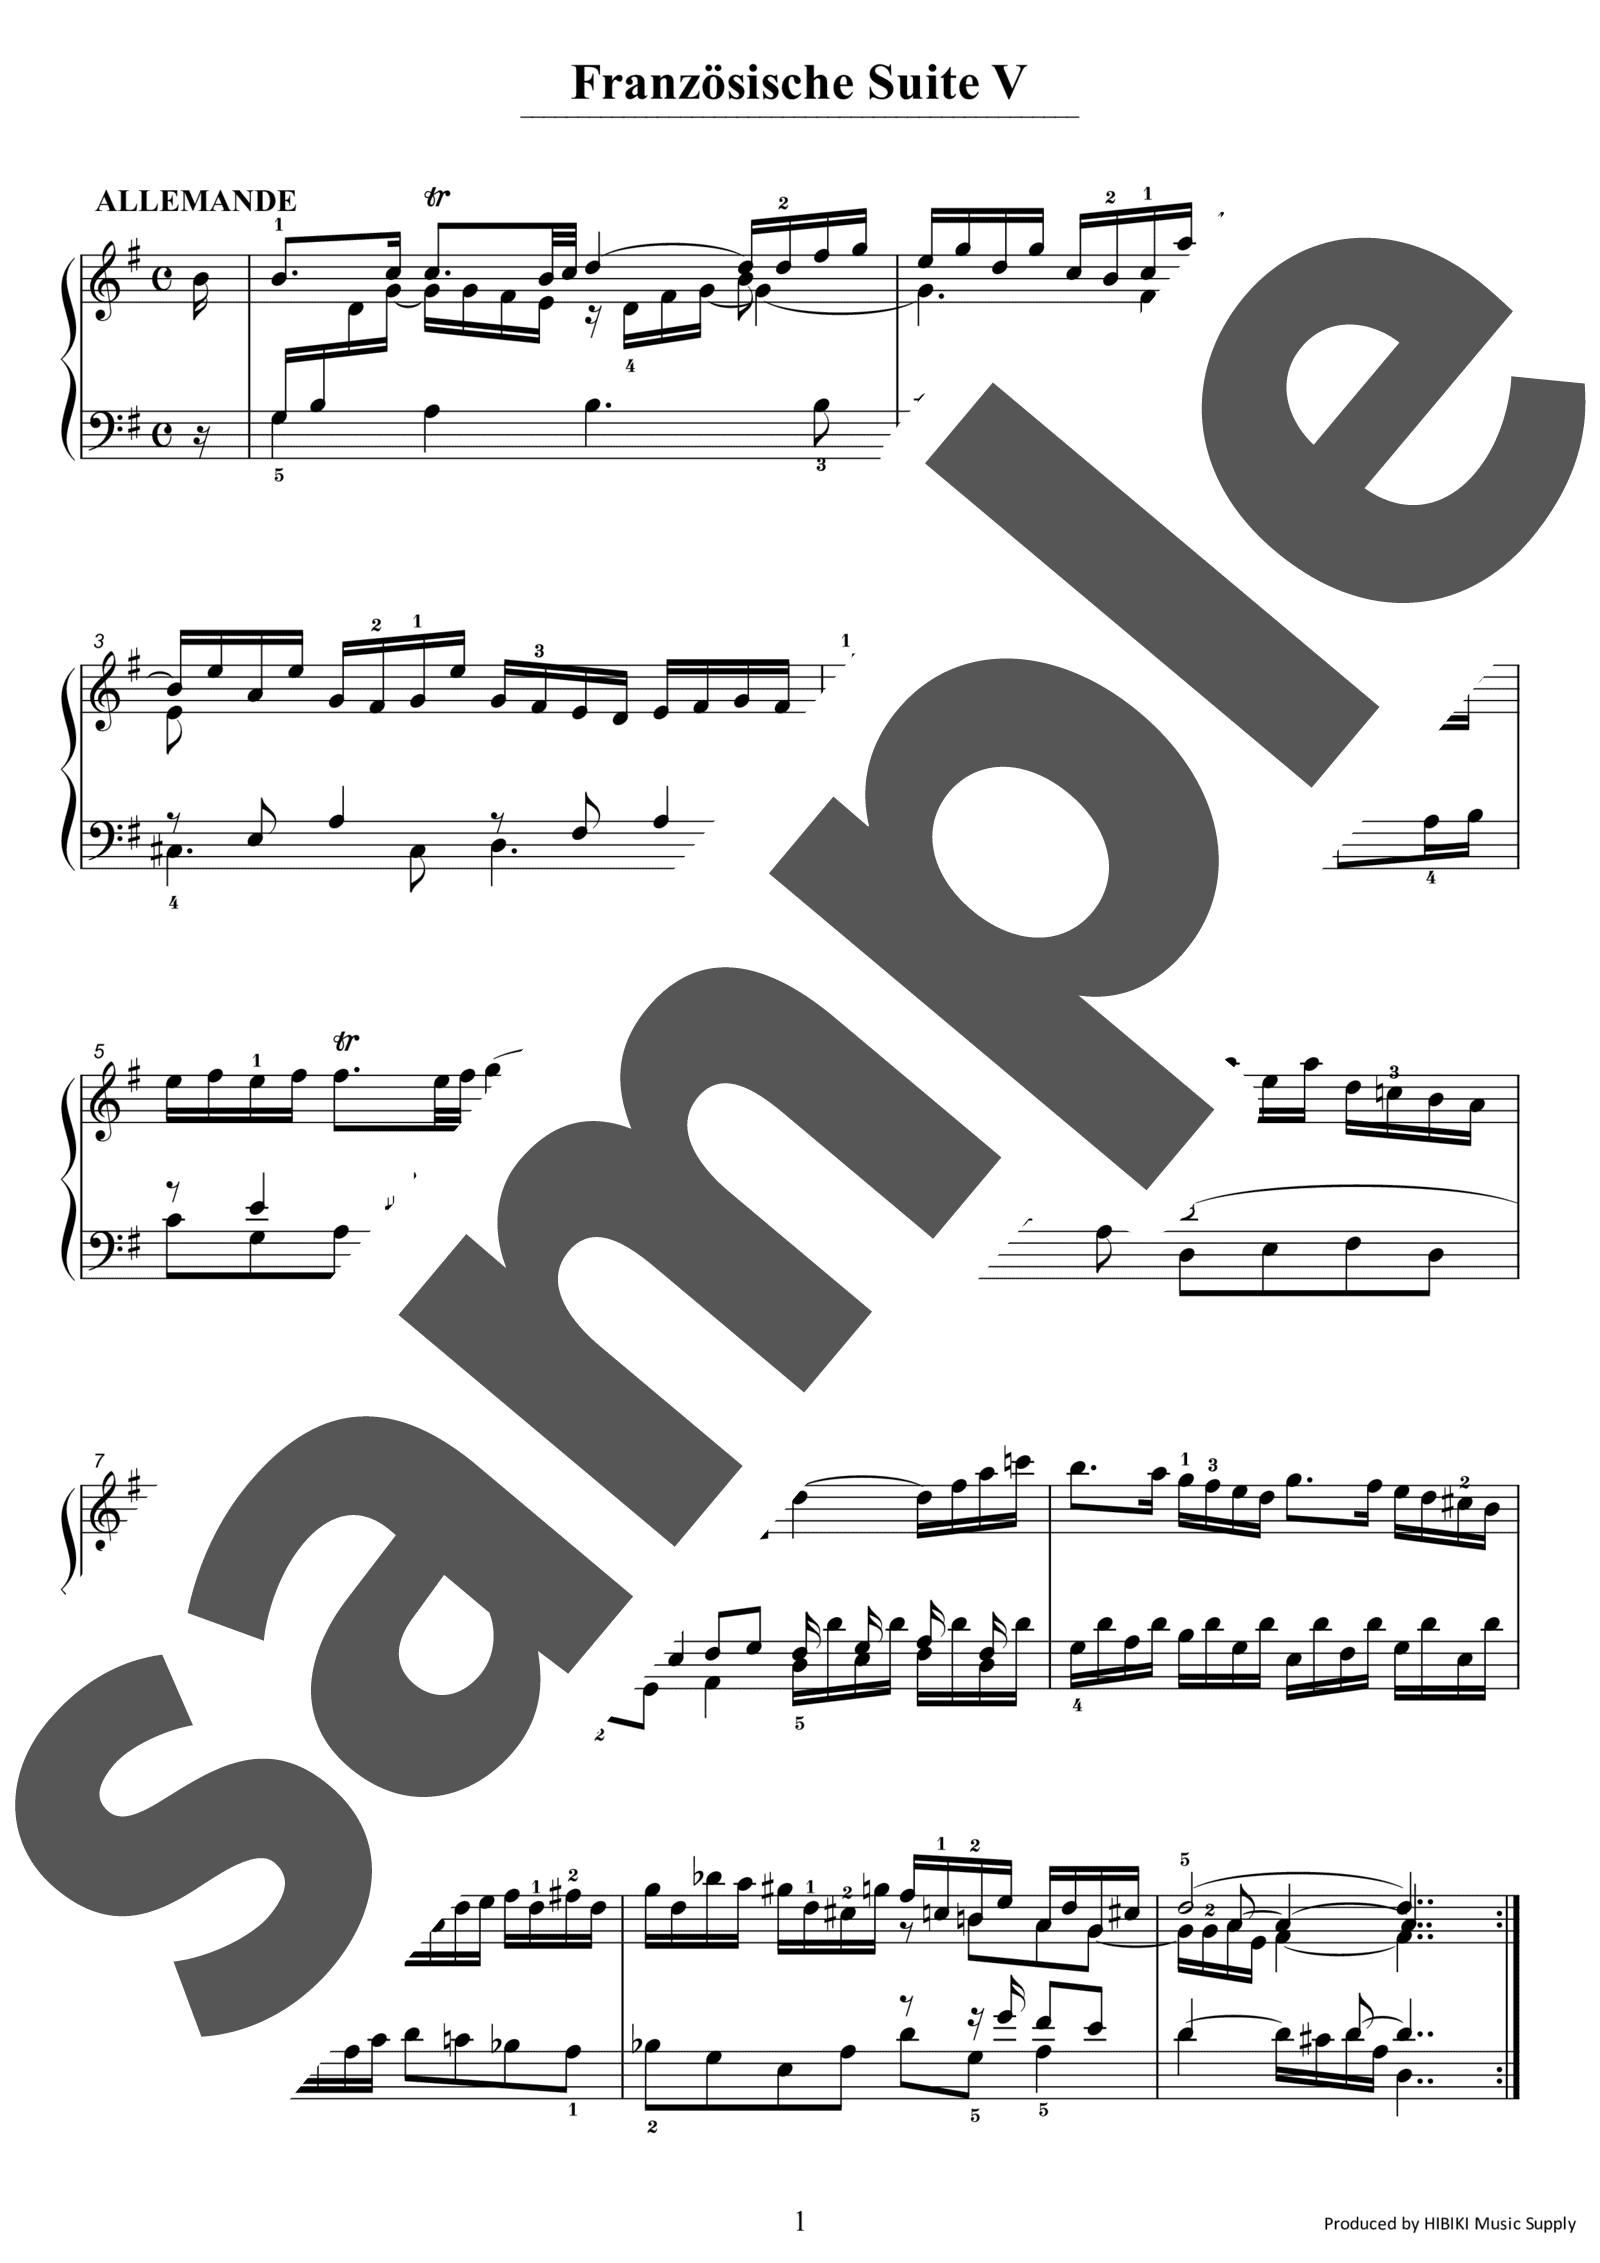 「フランス組曲 第5番ト長調」のサンプル楽譜